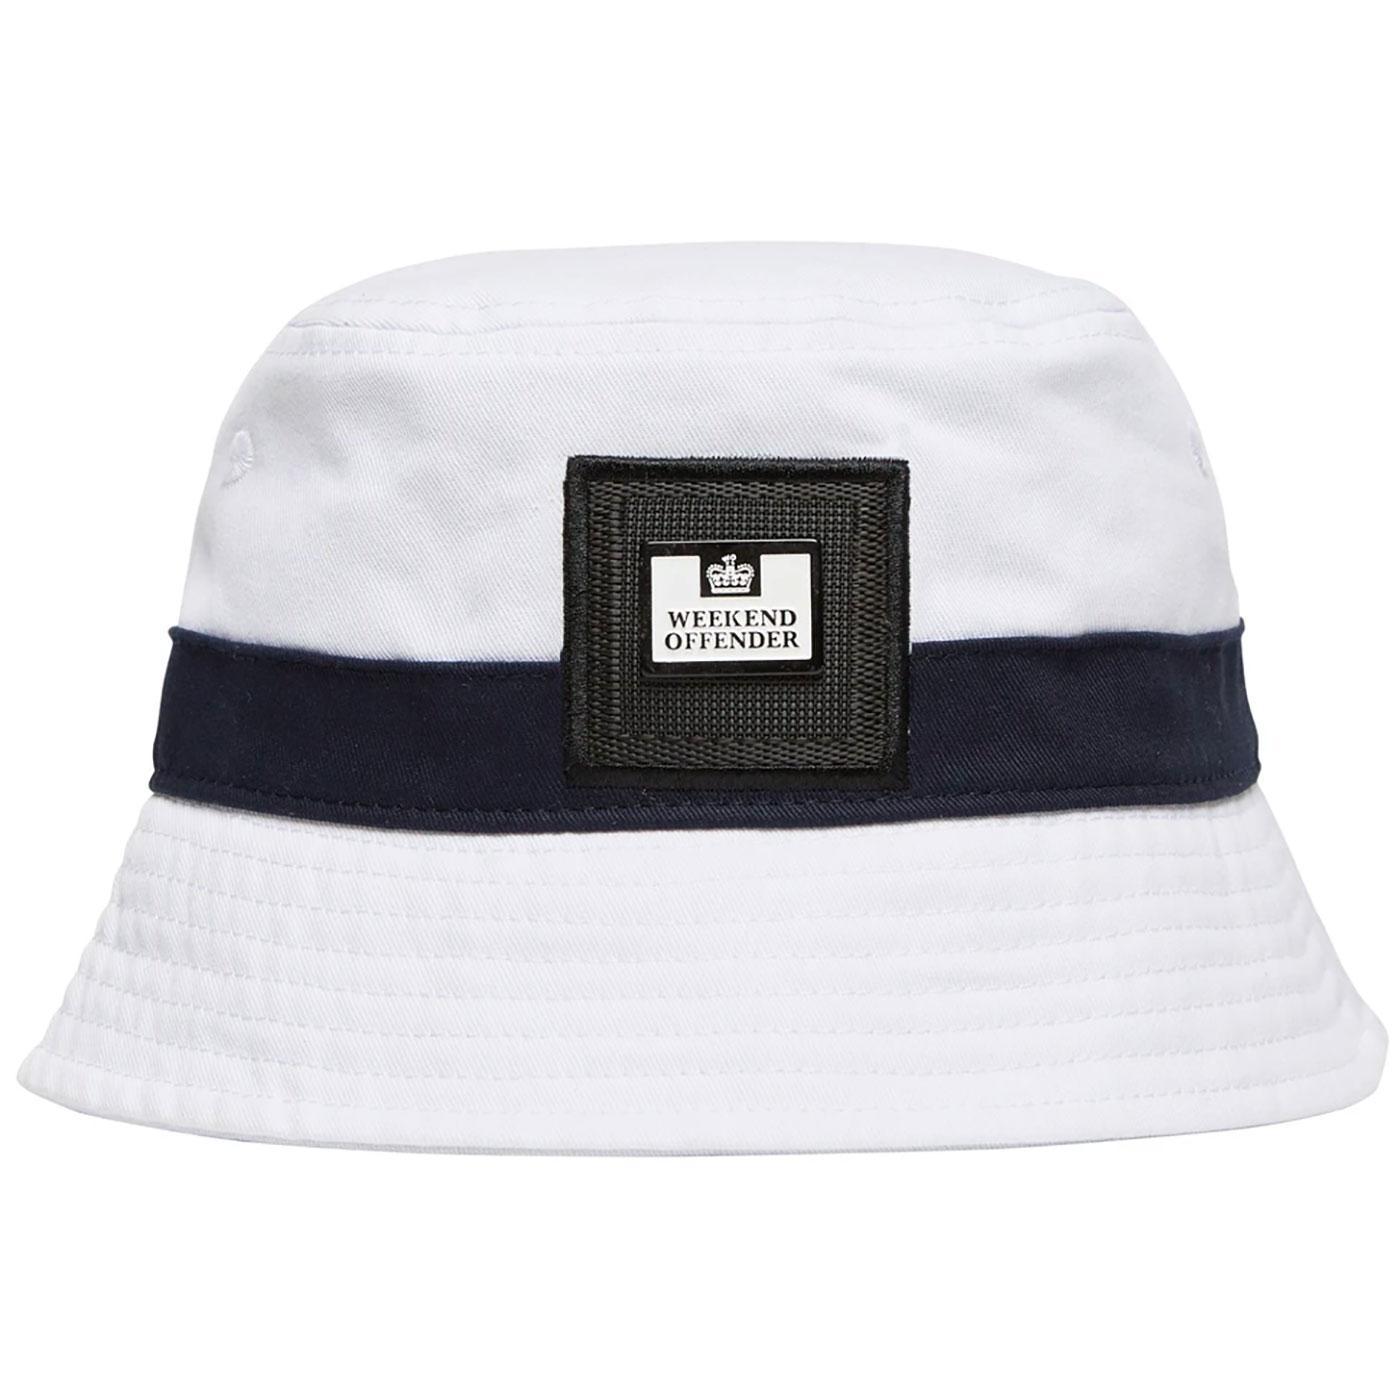 WEEKEND OFFENDER Retro 90s Indie Bucket Hat WHITE